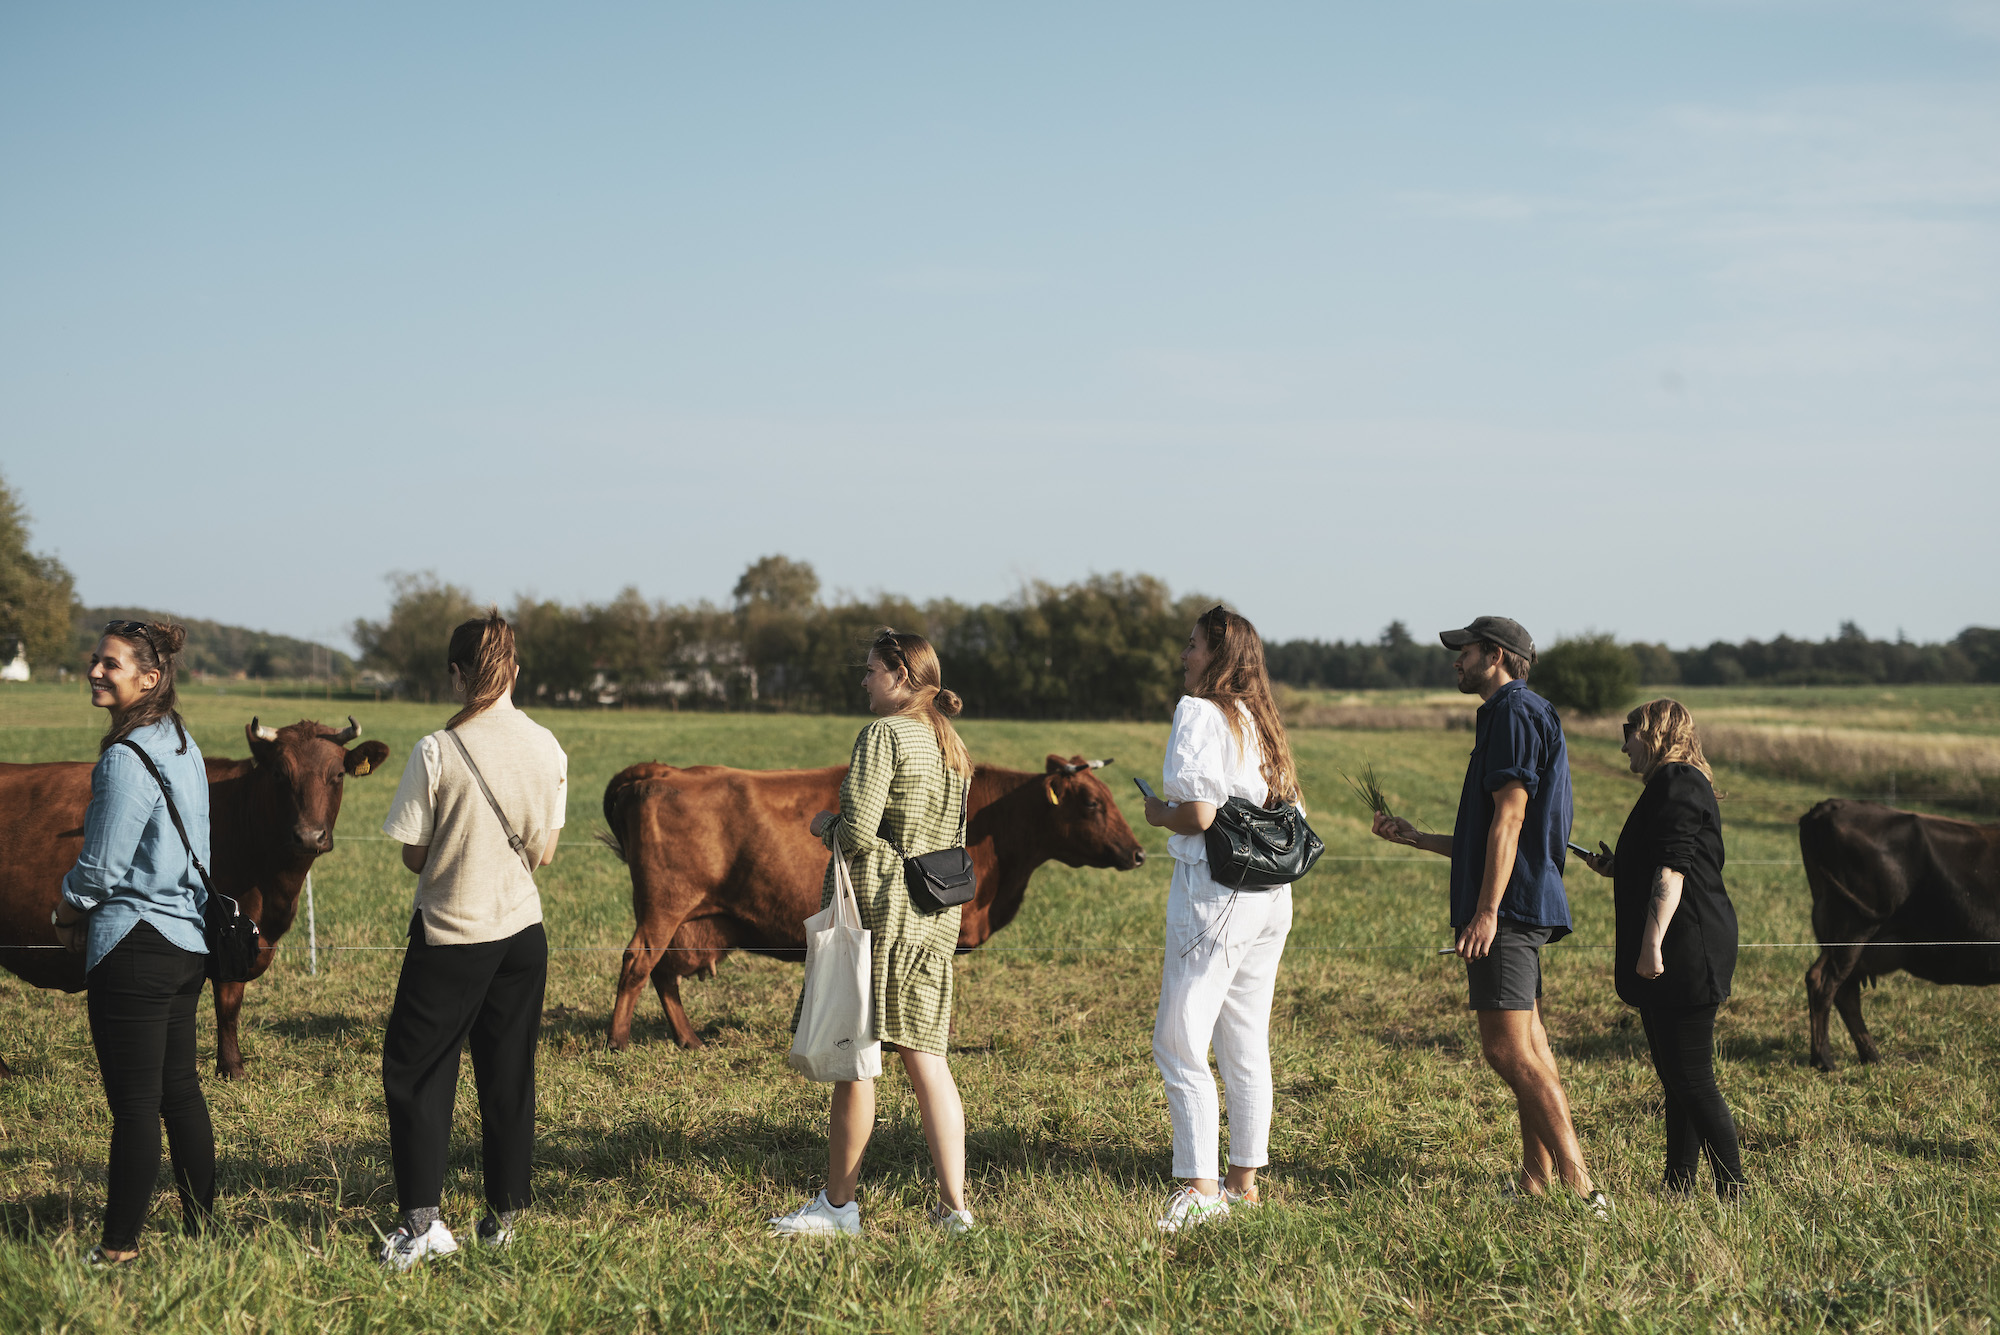 Foto: Liv Kastrup for Madland